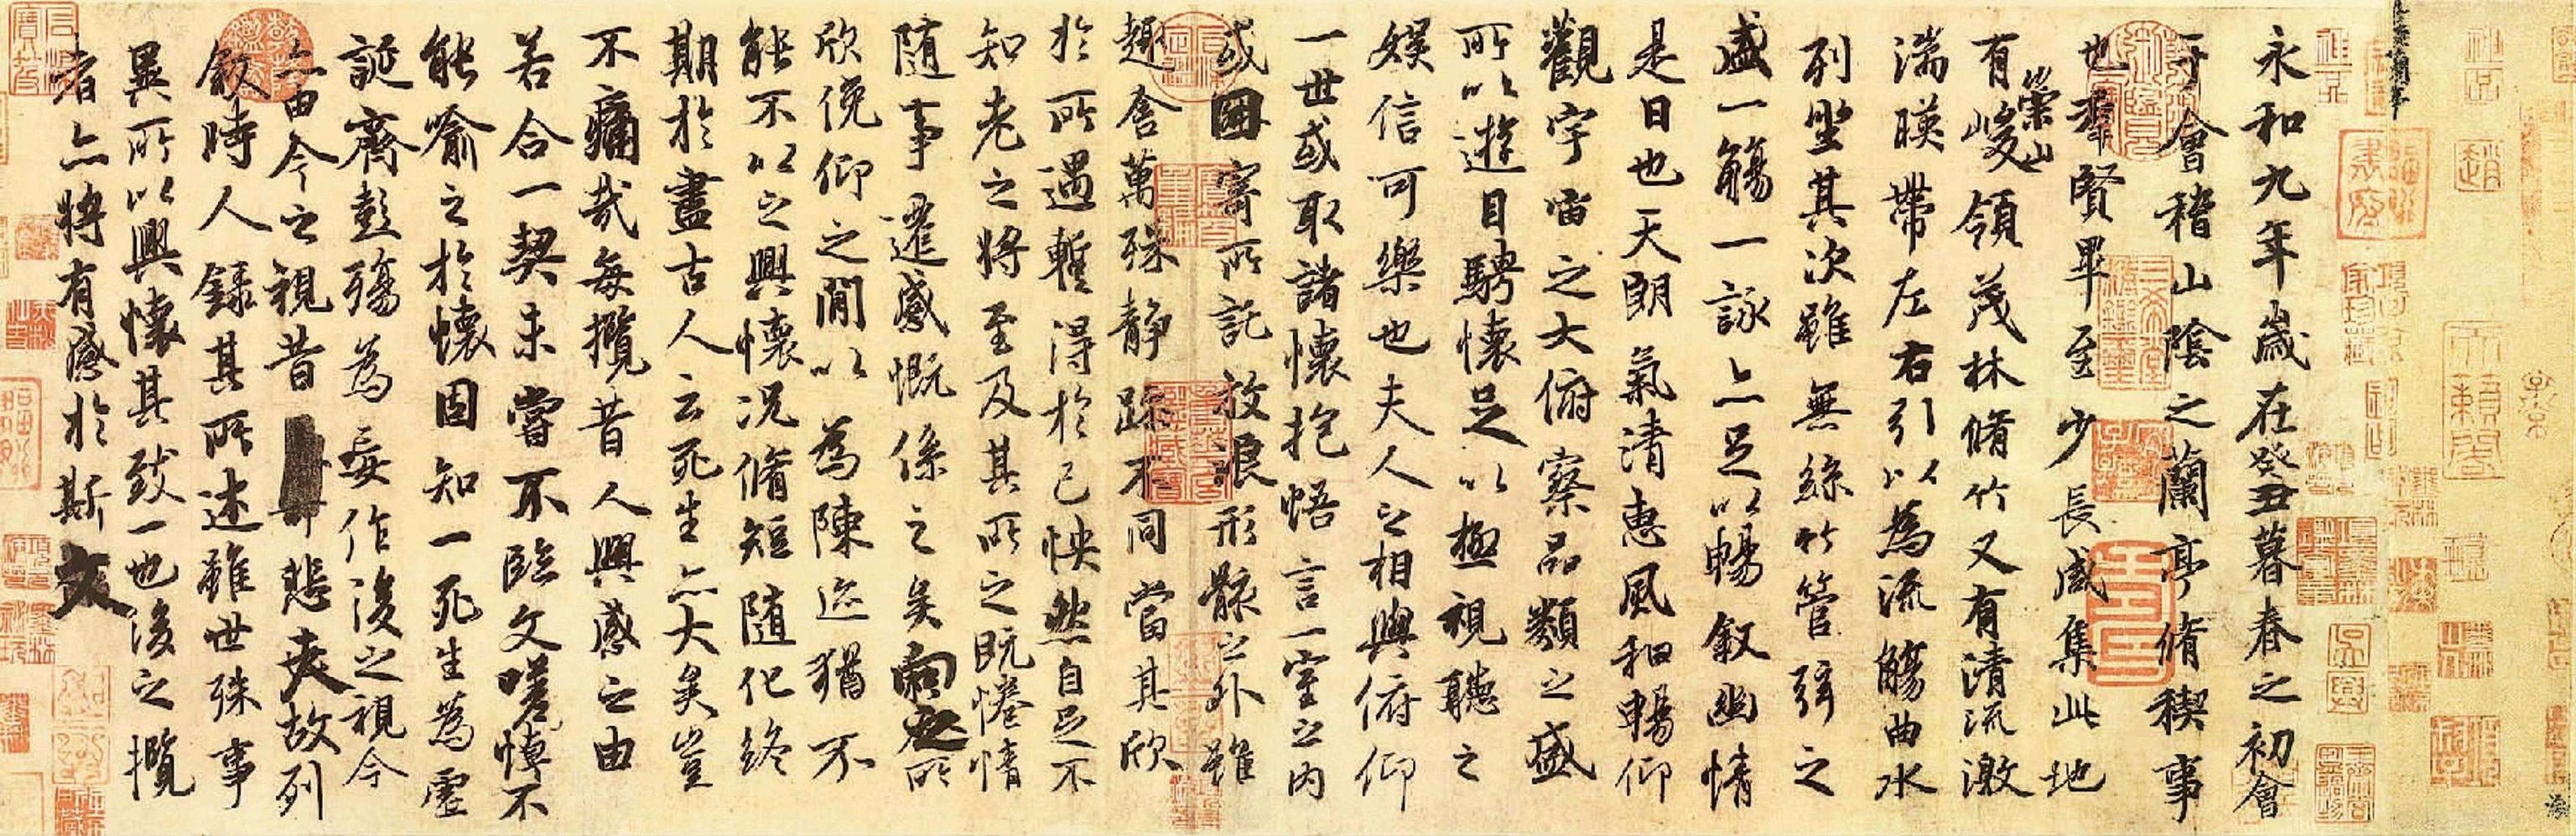 颜真卿是继王羲之后成就最高,影响最大的书法家.图片